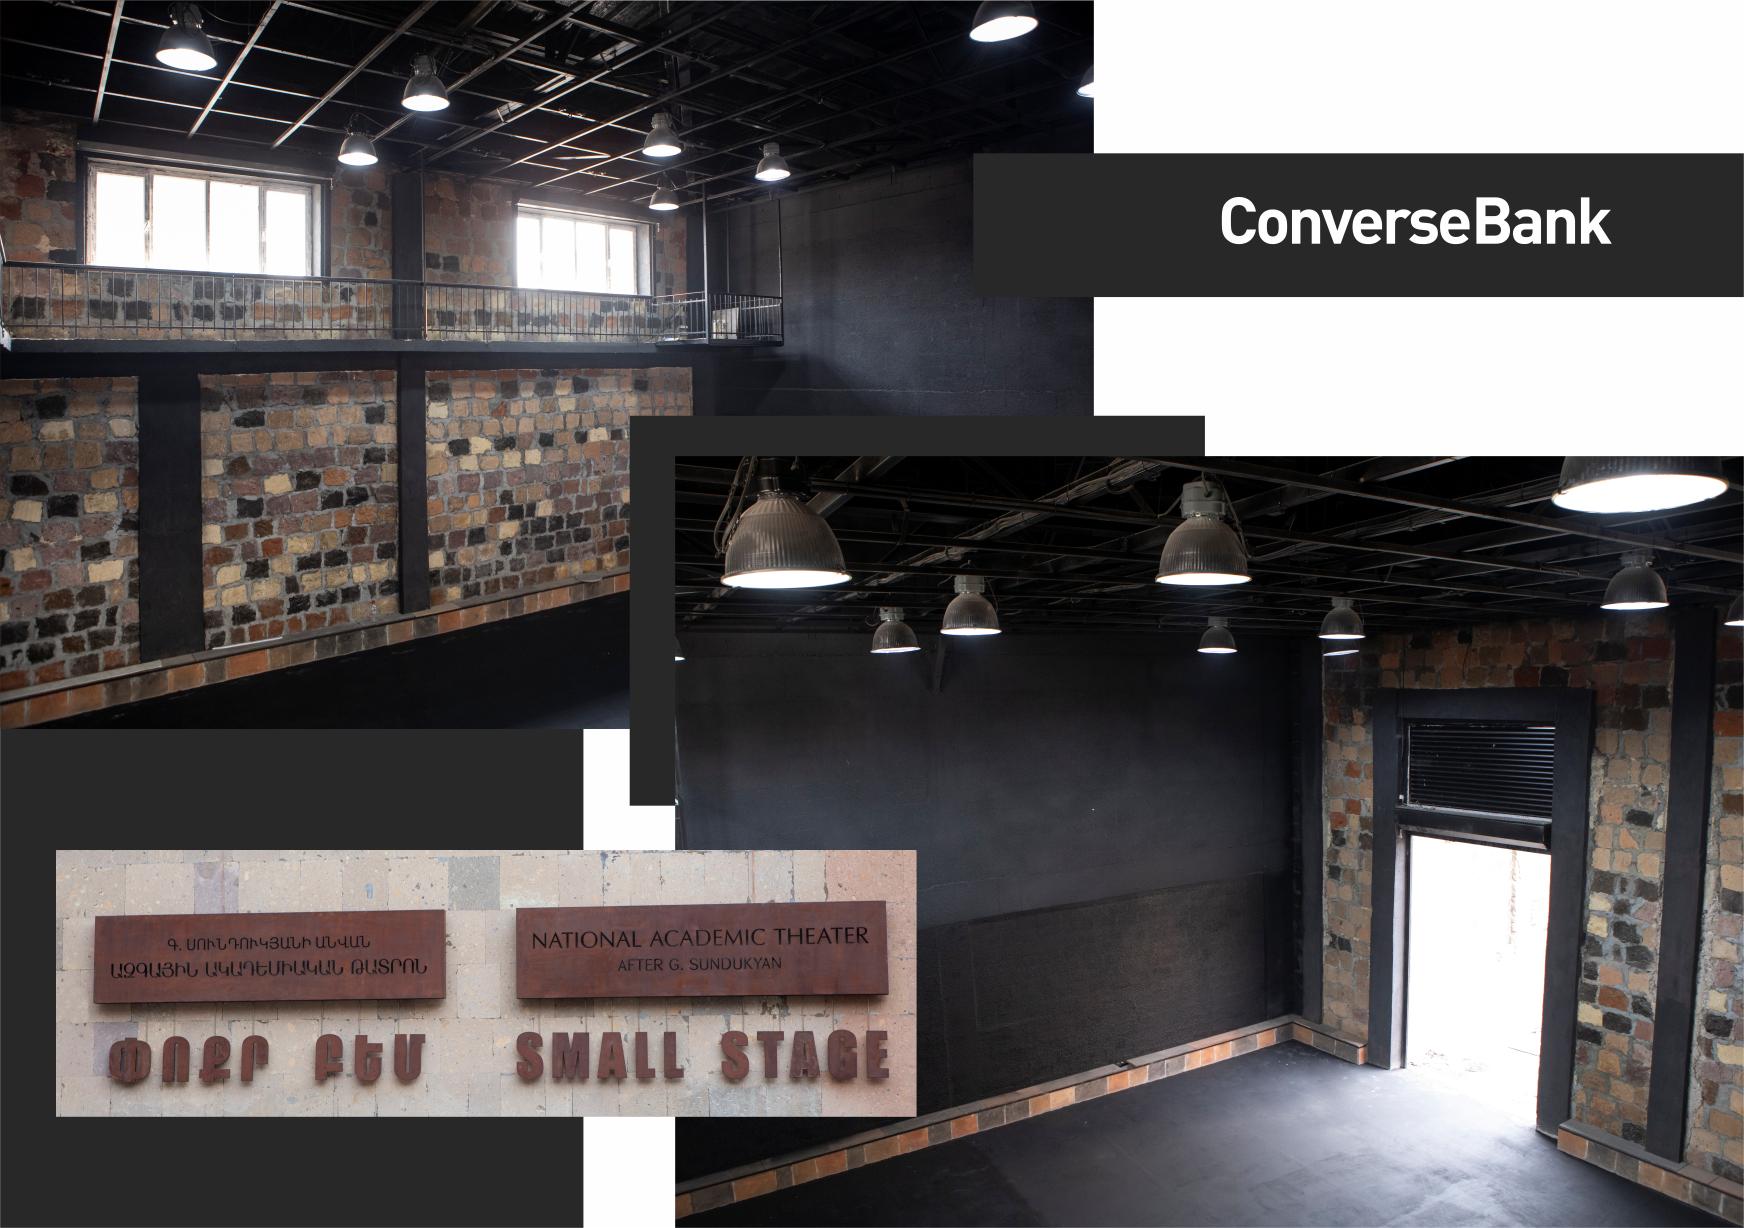 Կոնվերս Բանկ. Մայր թատրոնին կից փոքր բեմ՝ Black Box կբացվի